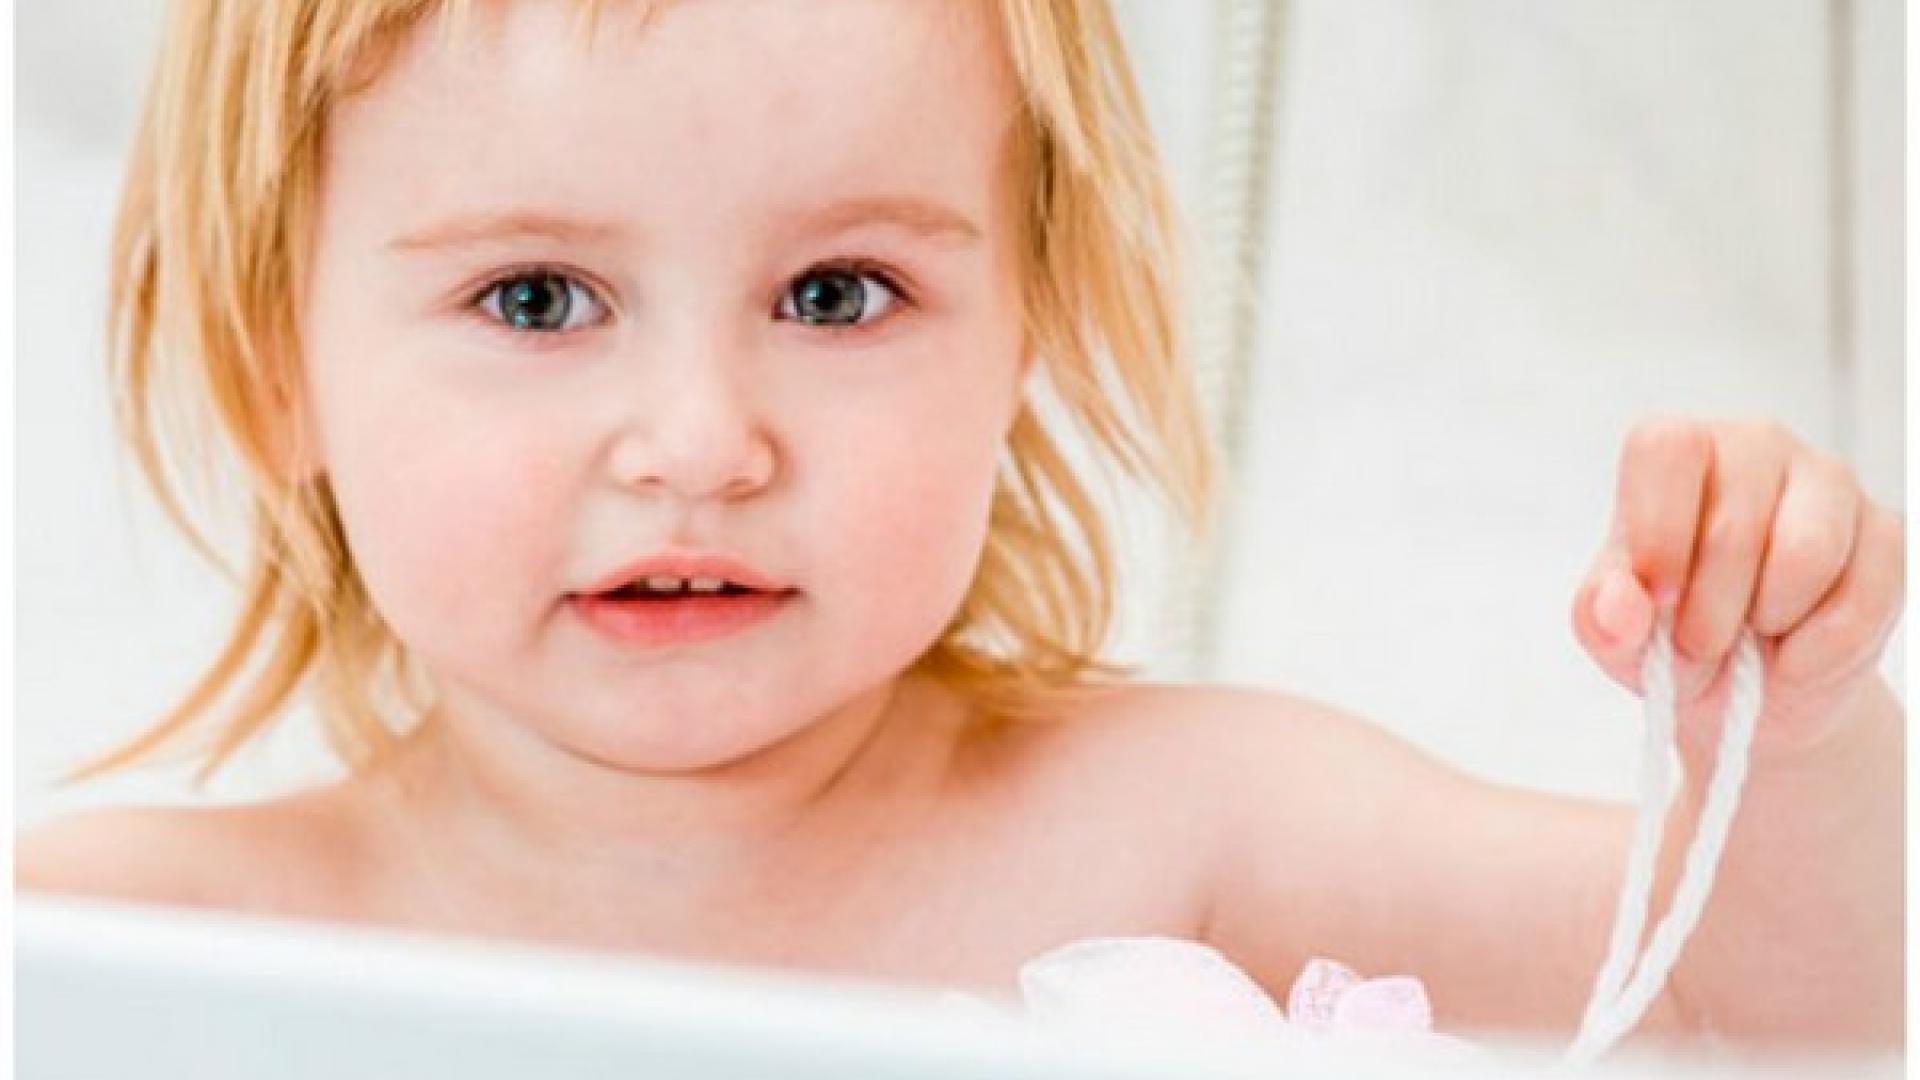 Вульвовагиниты у девочек и возрастные нормы микрофлоры